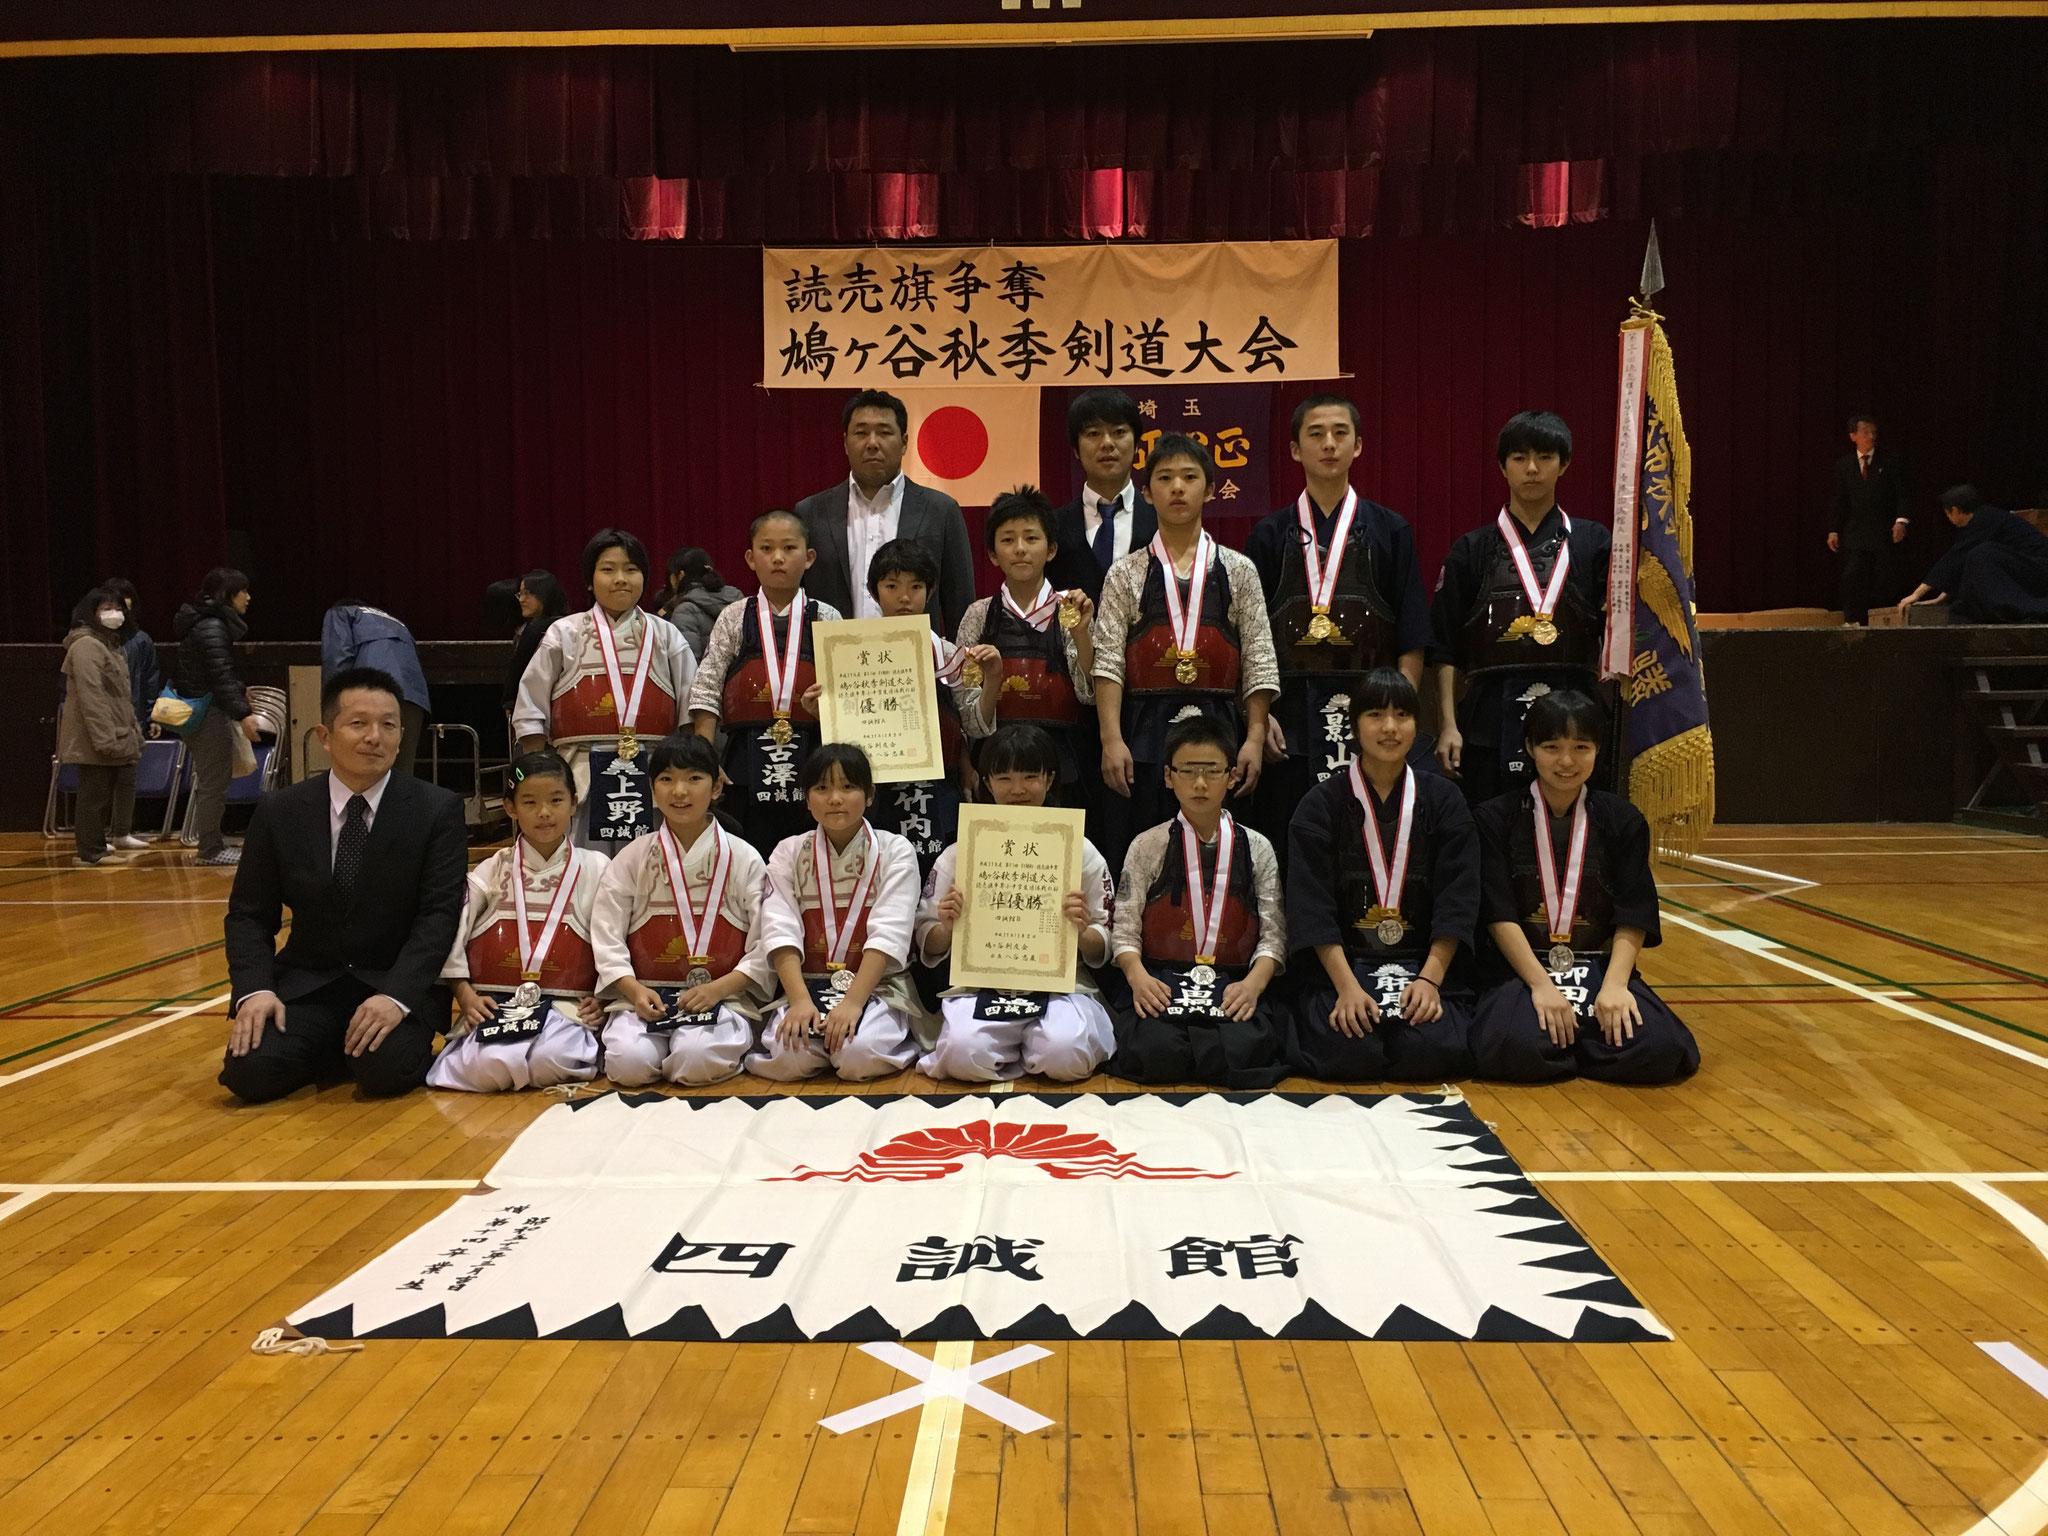 読売旗争奪少年剣道大会